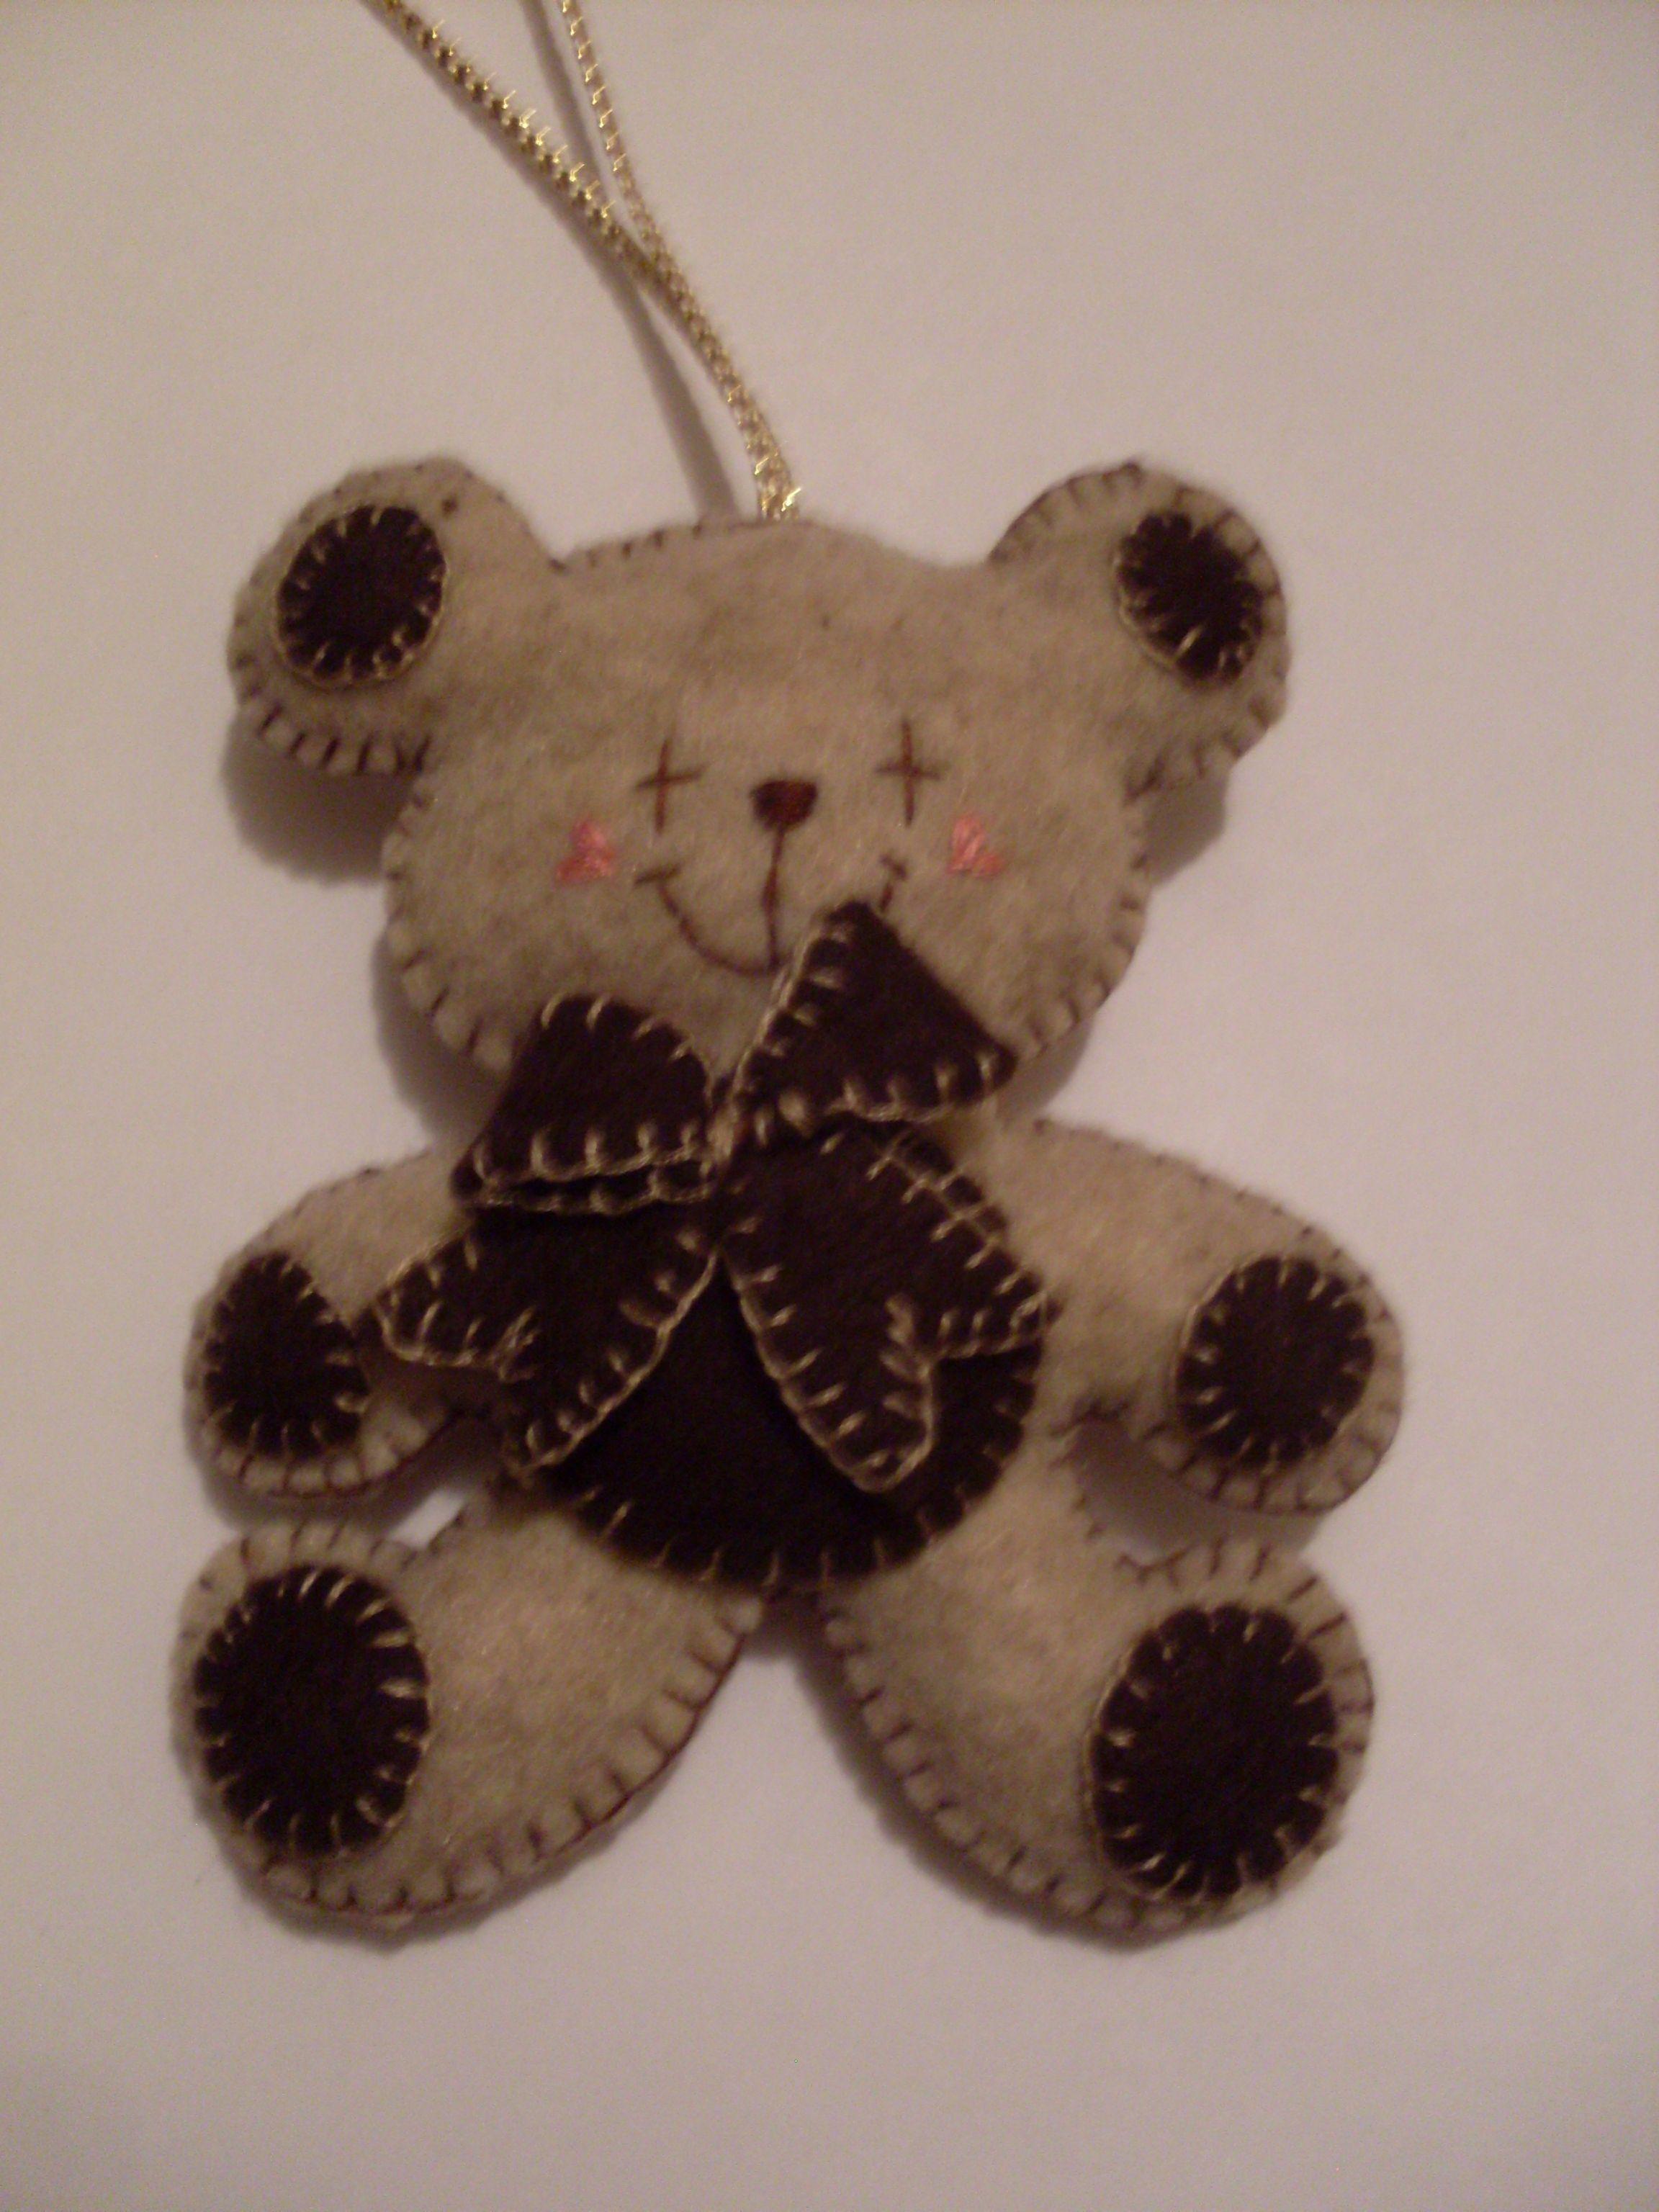 Teddy Bear Felt Ornament 2005 Felt Ornaments Bear Crafts Felt Crafts